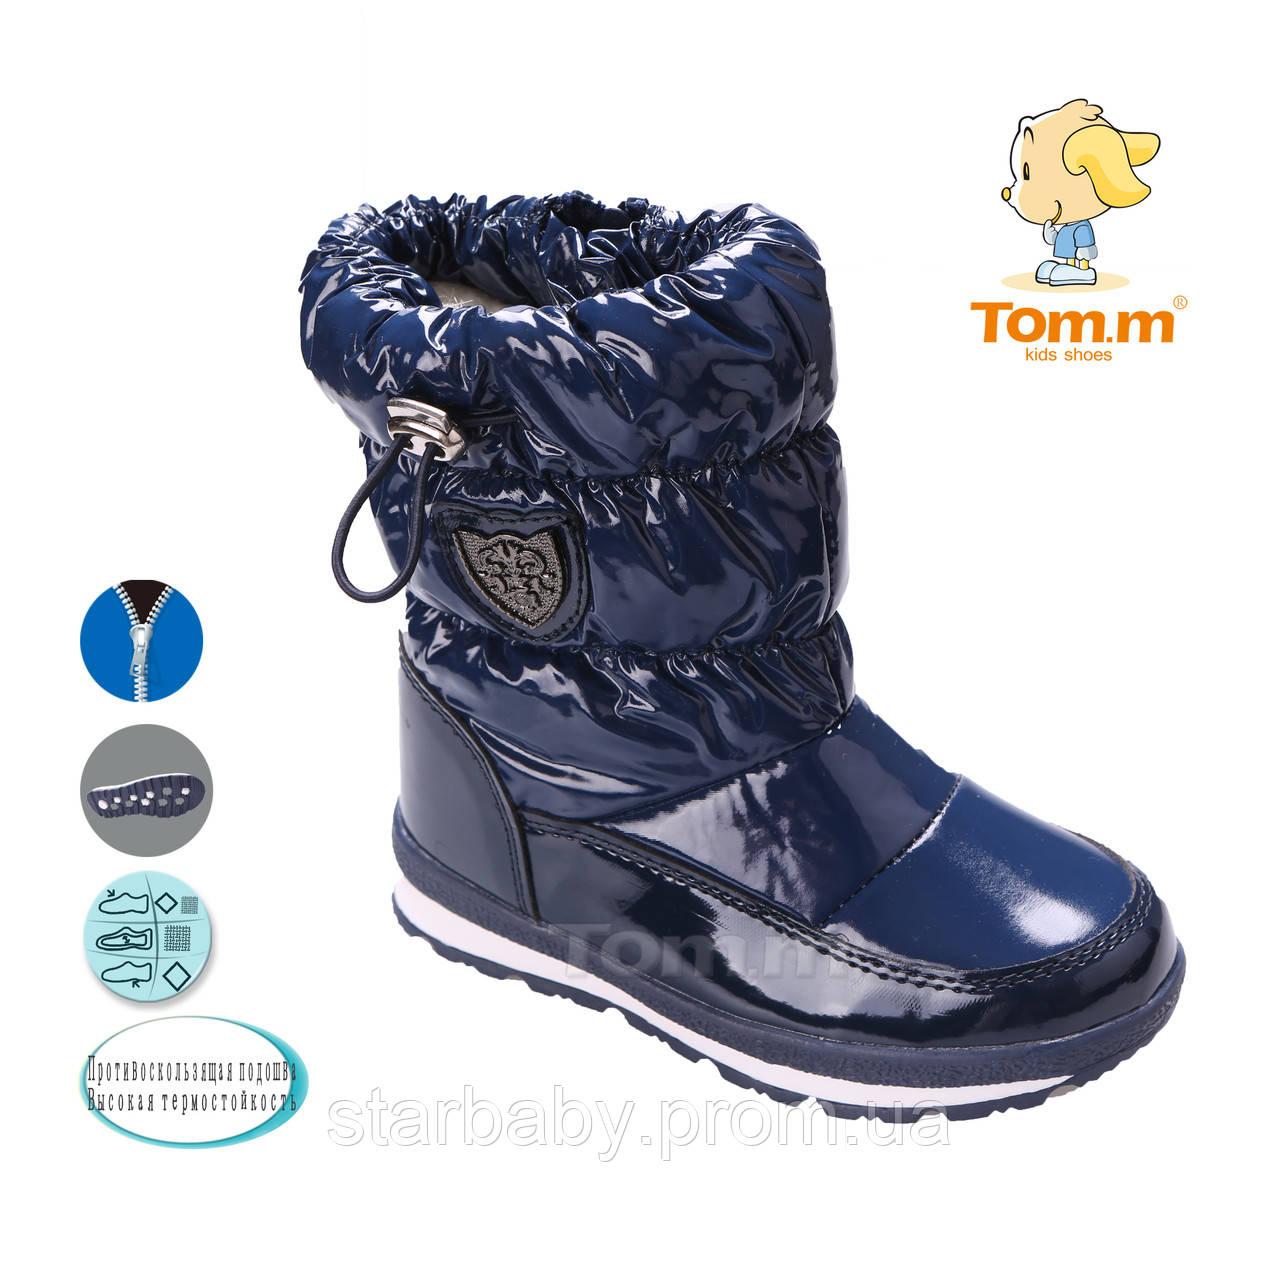 9fd08ab3c Дутики водонепроницаемая обувь для девочек средние размеры 27-32 оптом -